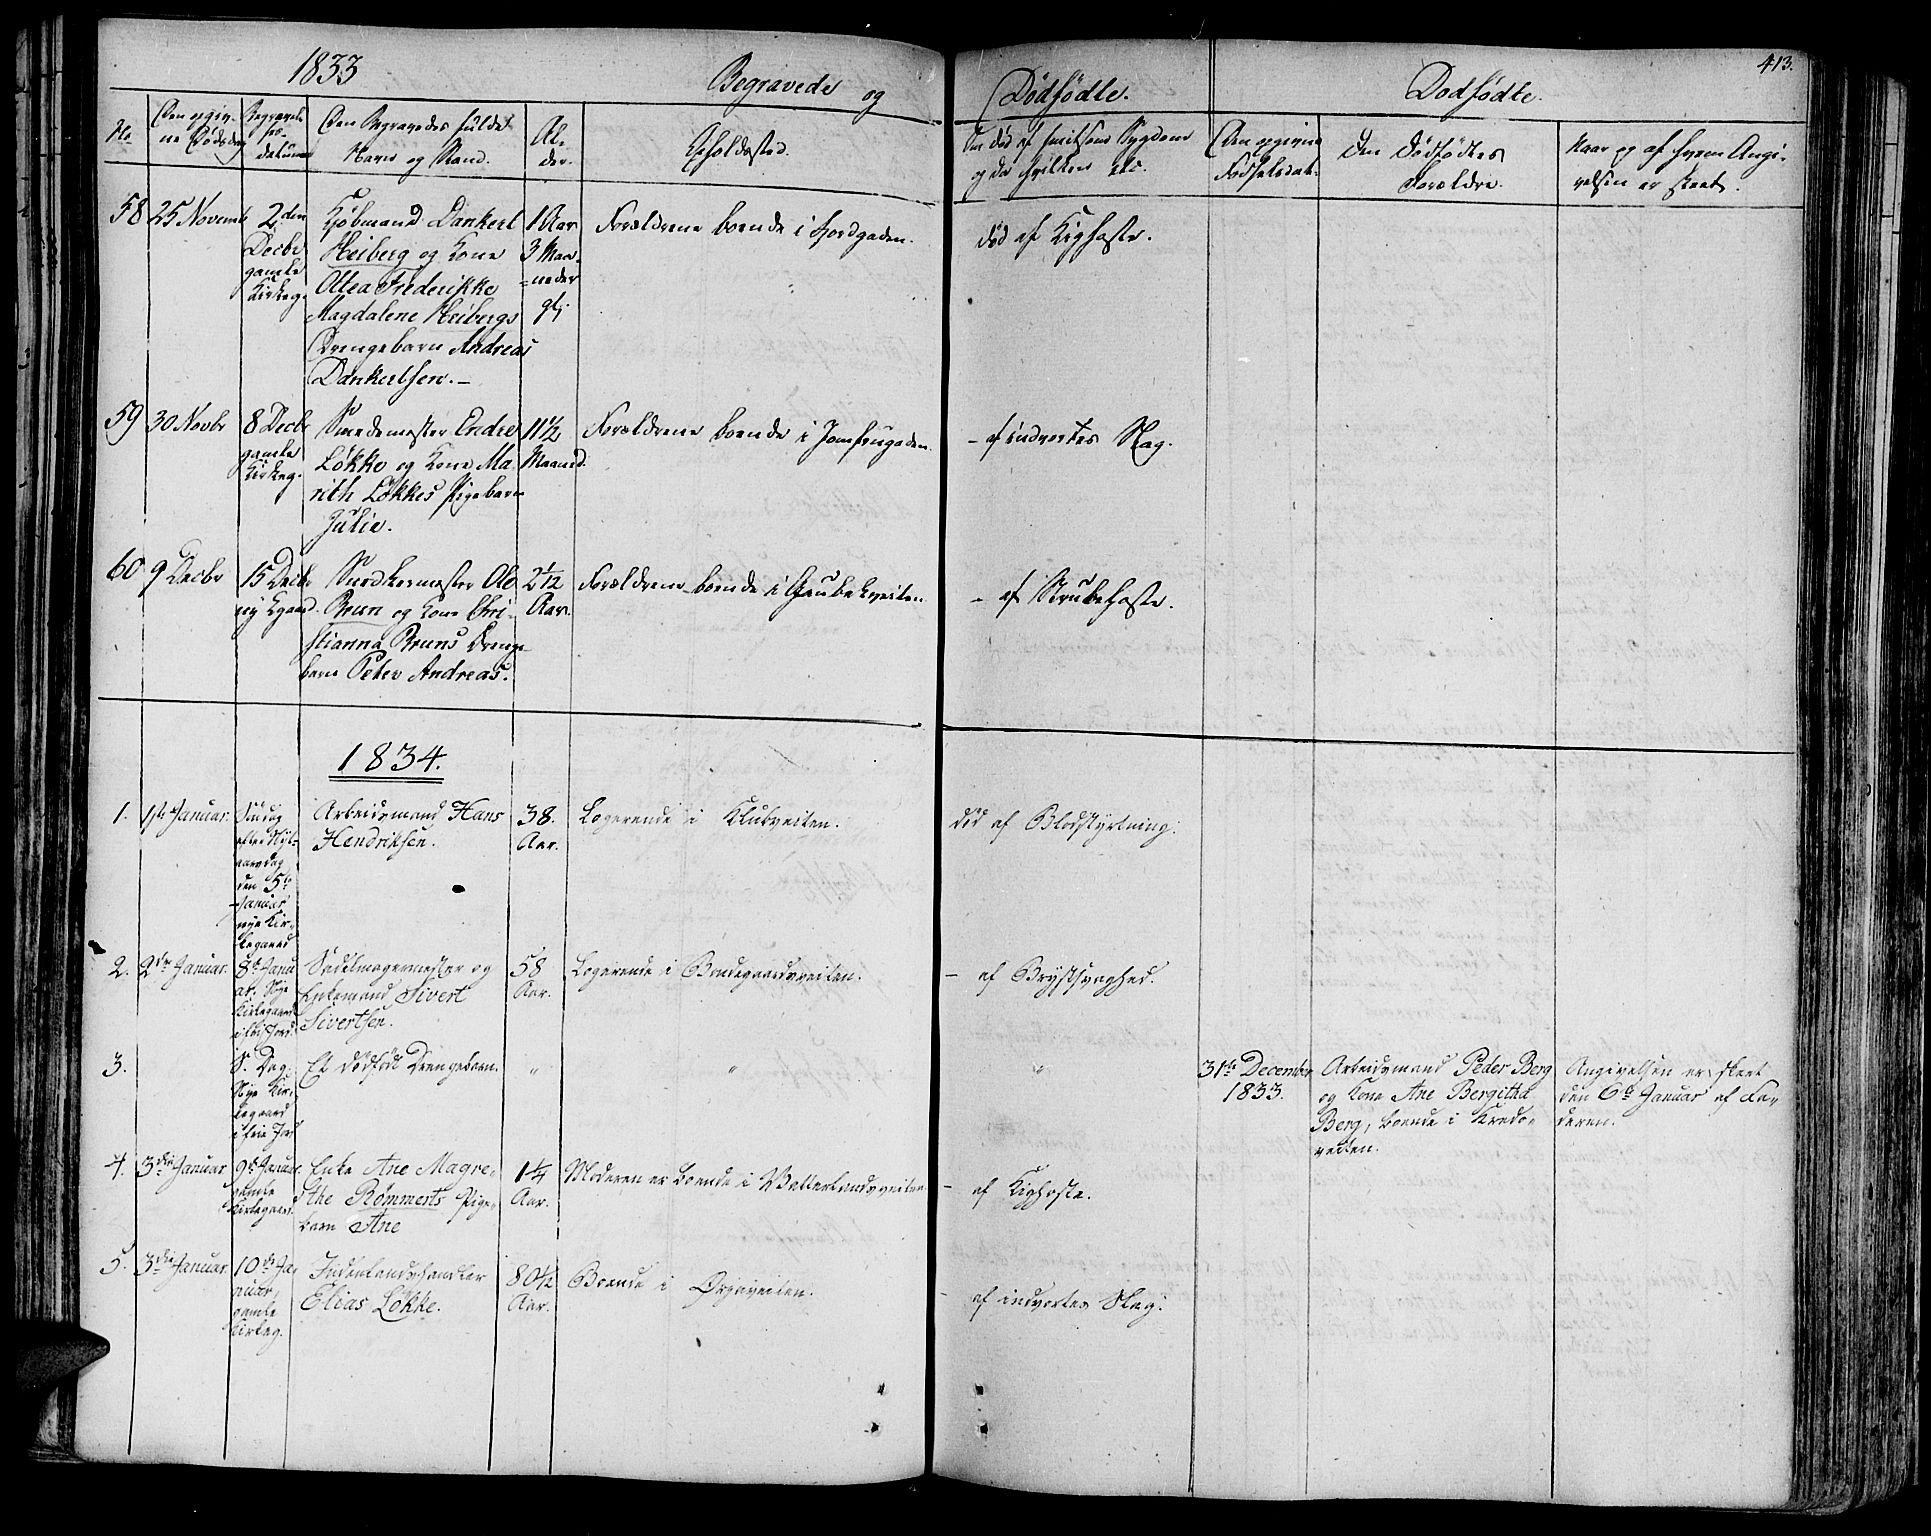 SAT, Ministerialprotokoller, klokkerbøker og fødselsregistre - Sør-Trøndelag, 602/L0109: Ministerialbok nr. 602A07, 1821-1840, s. 413